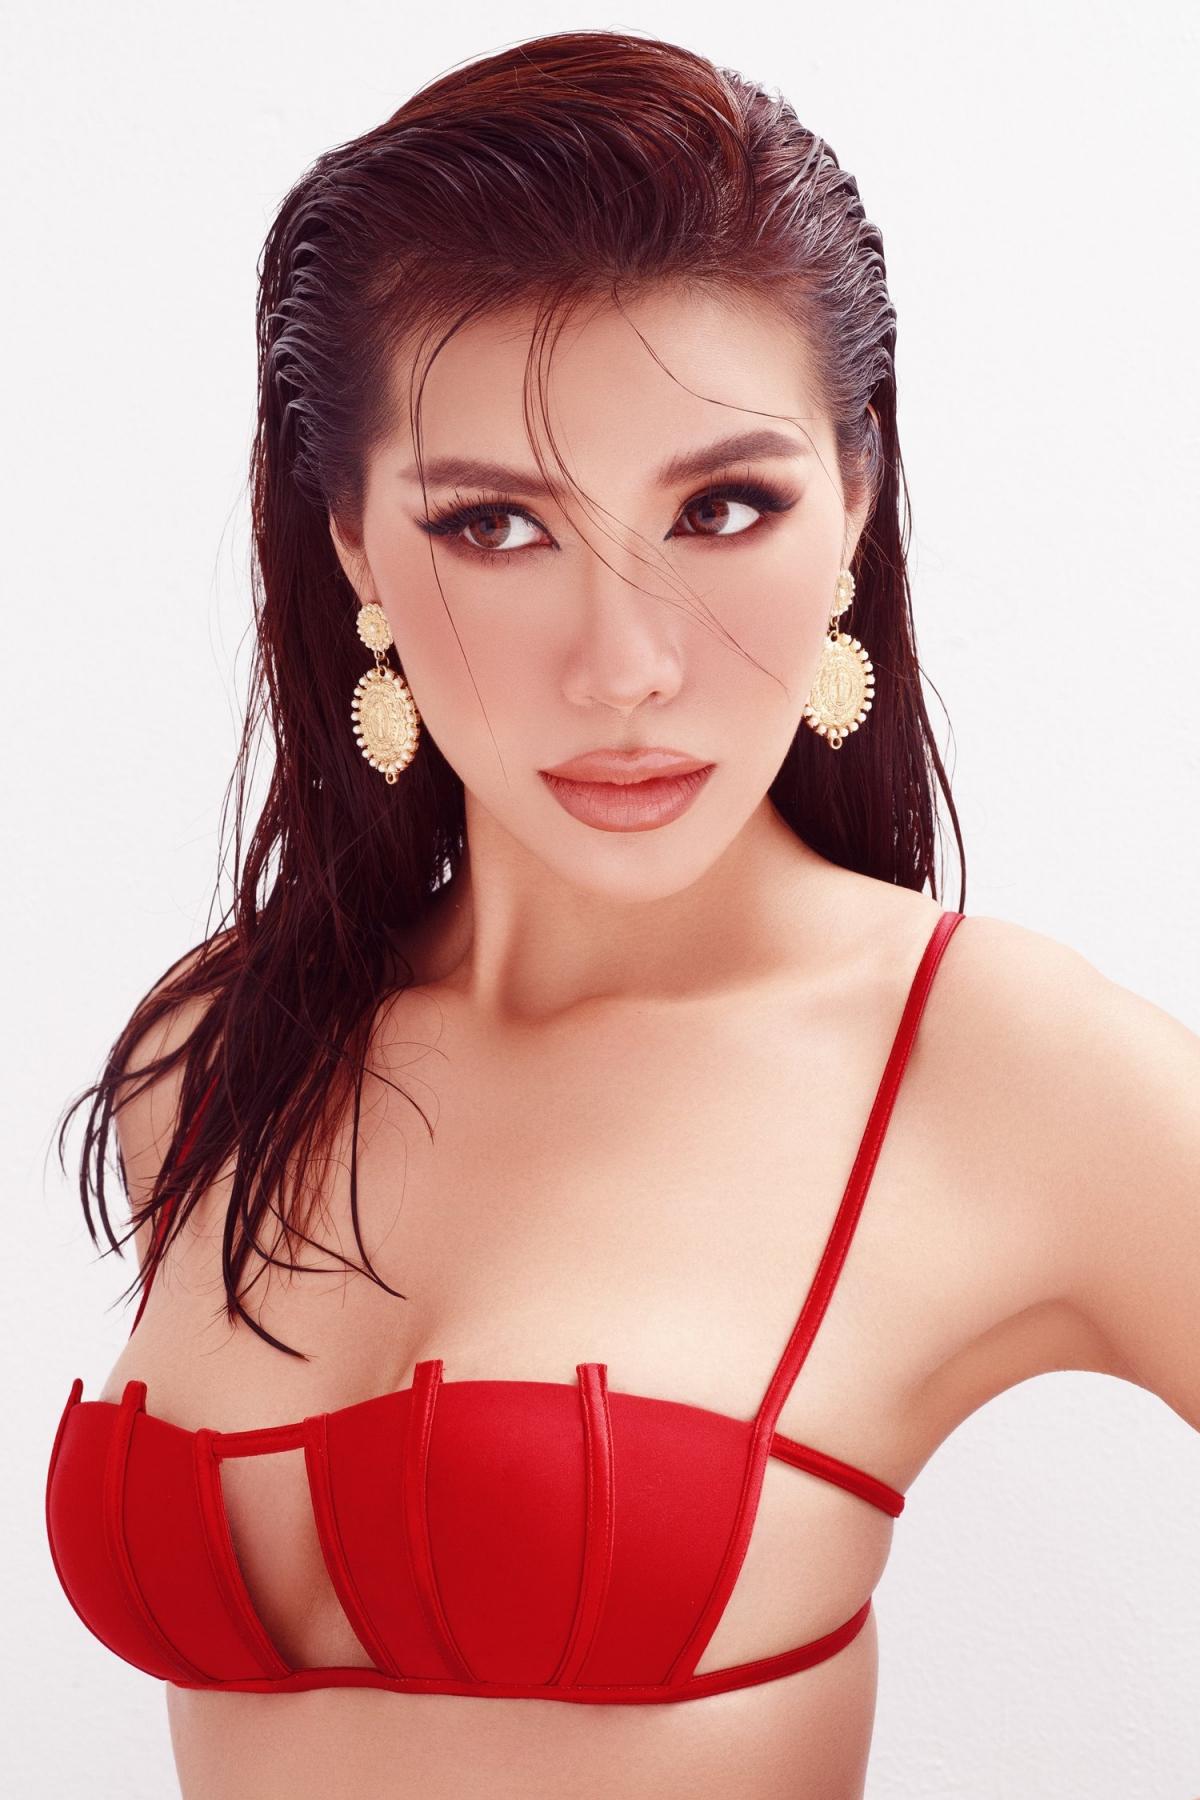 Với chiều cao 1m78 và số đo 87-59-93 chuẩn mực của mình, Minh Tú trở thành một trong những mỹ nhân có thân hình đẹp nhất của showbiz.